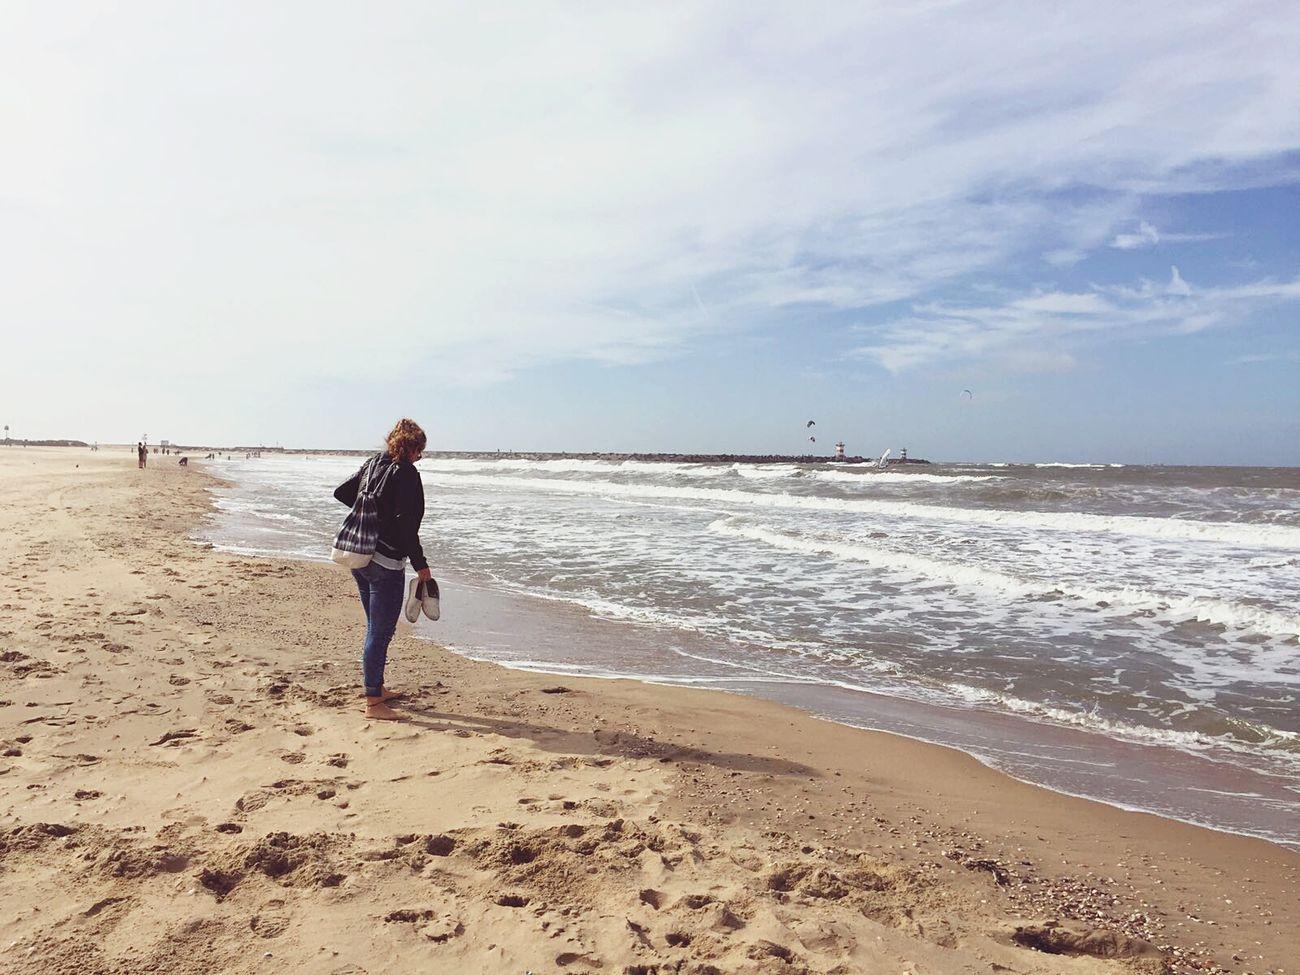 Den Haag ⚓ Trip Biketour Beach Sea Adventure Traveling Zusammenbags Outdoors GoodTimes